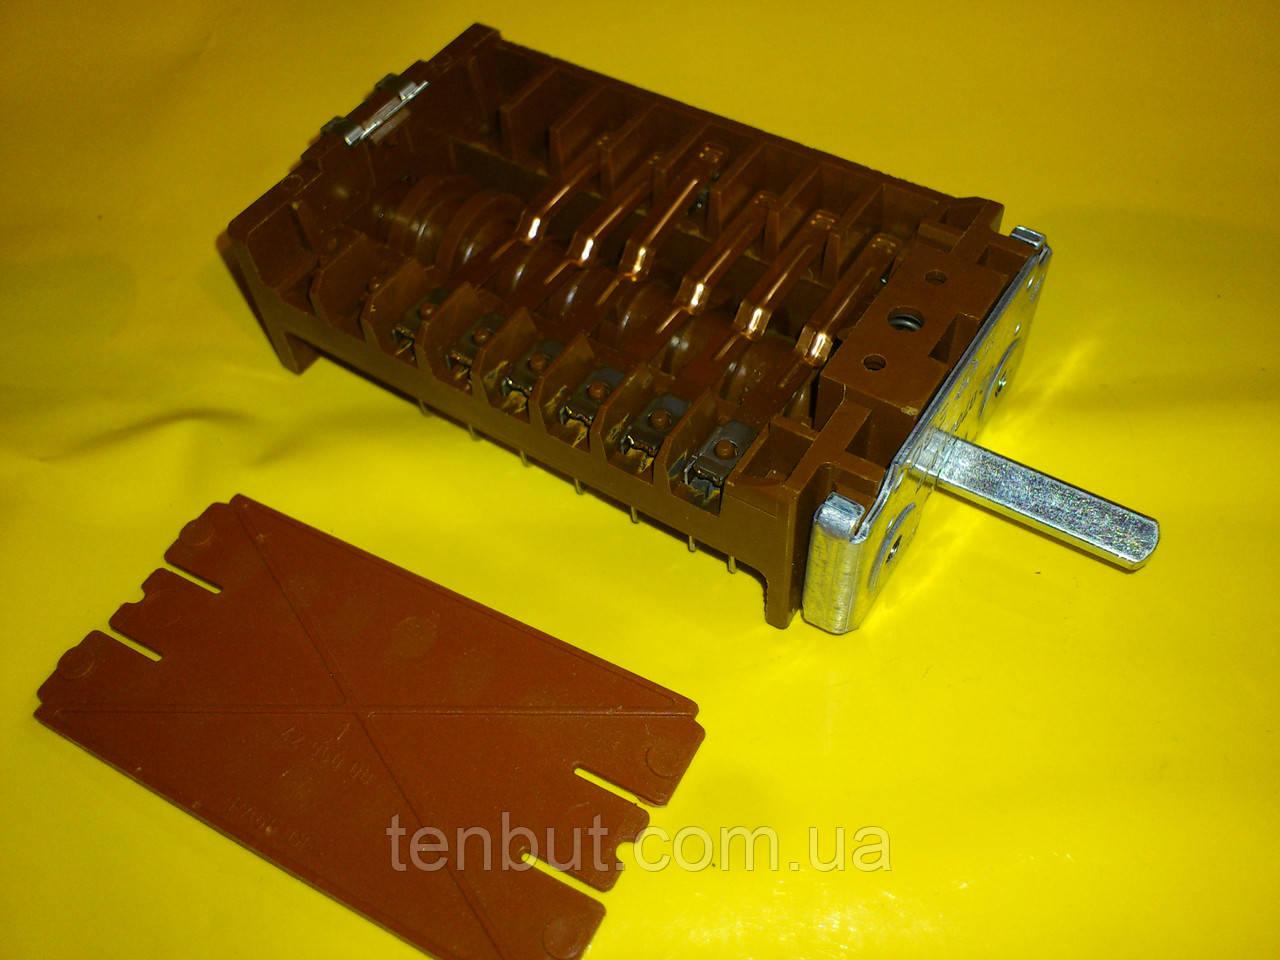 Переключатель ПМ-42.07001.017 EGO / 7-ми позиционный на электроплиты производство Германия